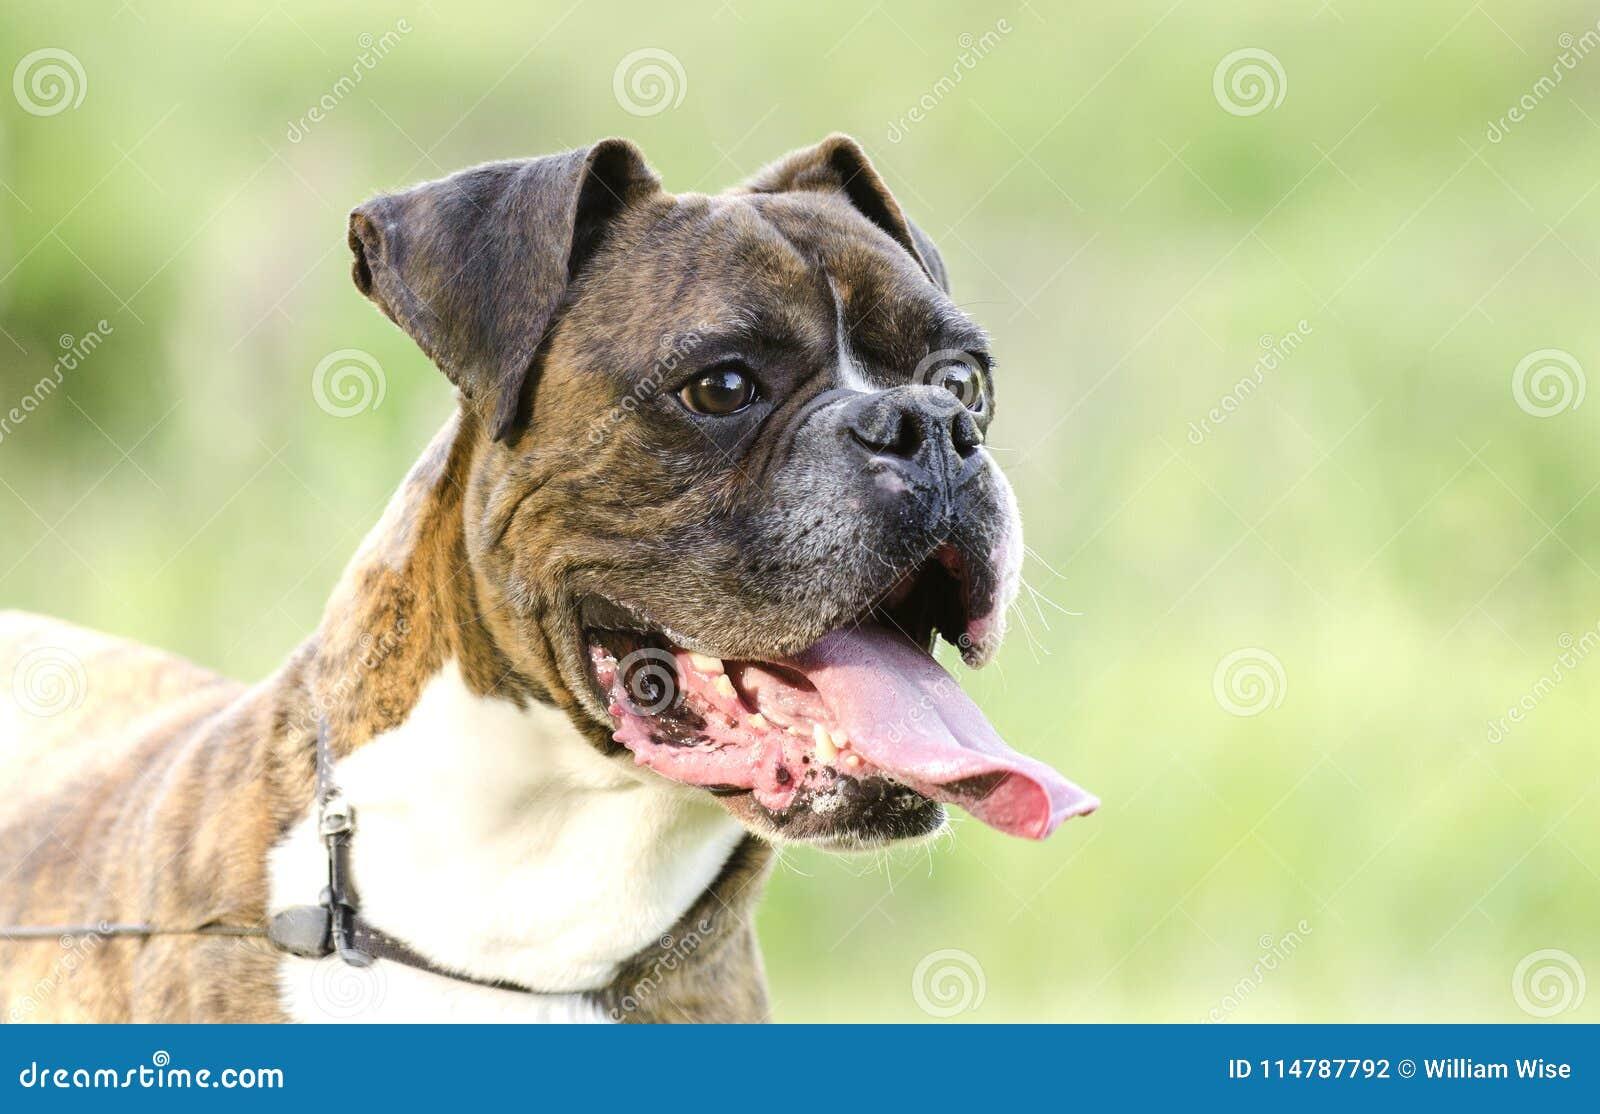 Lengua berrenda y blanca del jadeo del perro del boxeador, foto de la adopción del rescate del animal doméstico